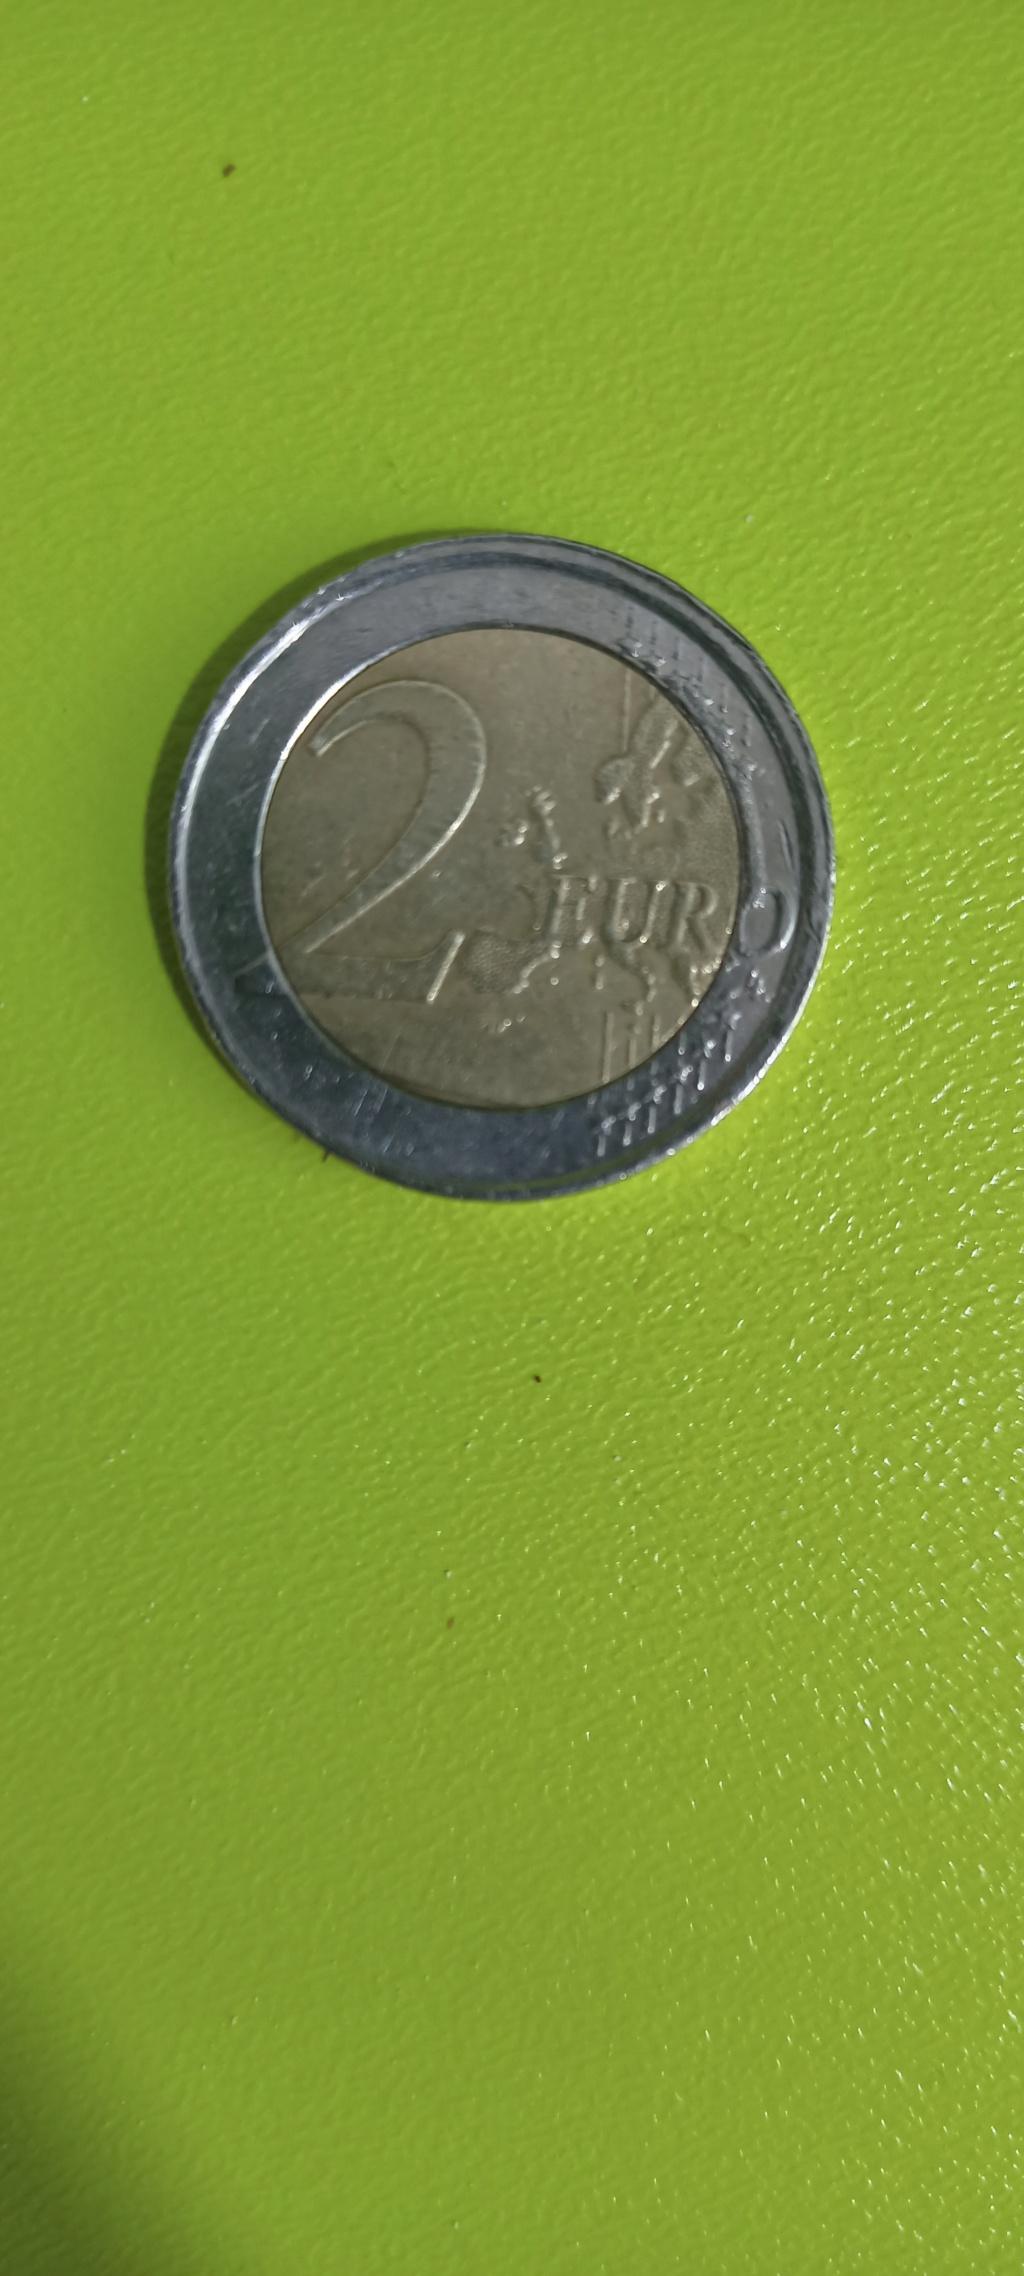 Monedas Euro Bélgica  Img20214